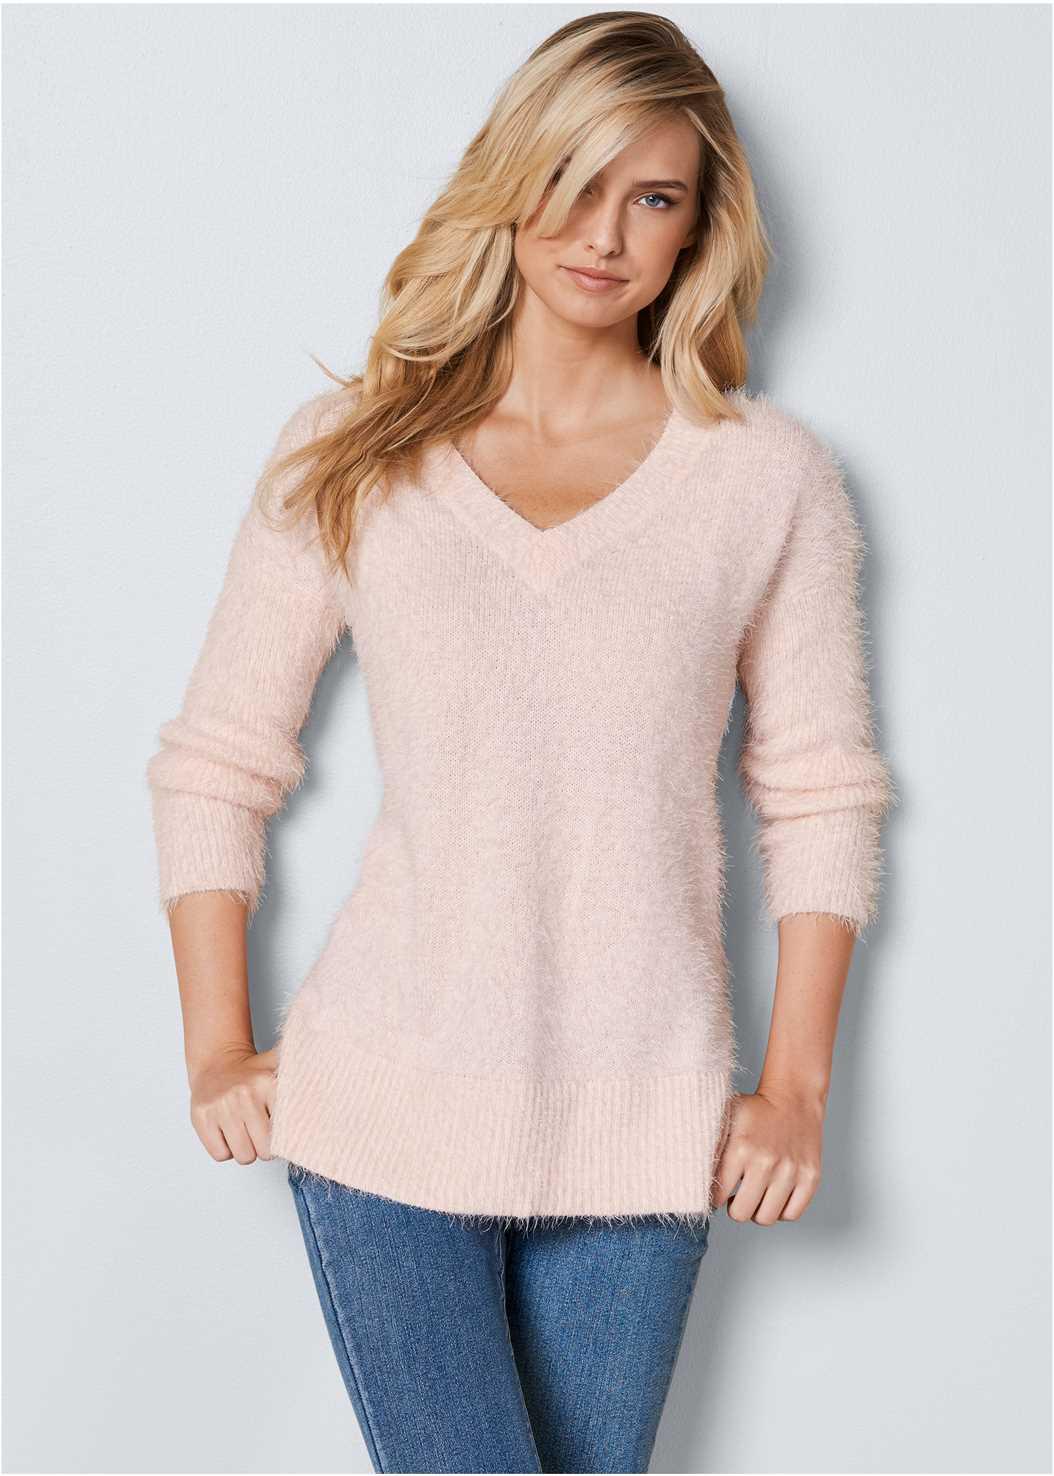 V-Neck Sweater,Mid Rise Color Skinny Jeans,Fringe Scarf